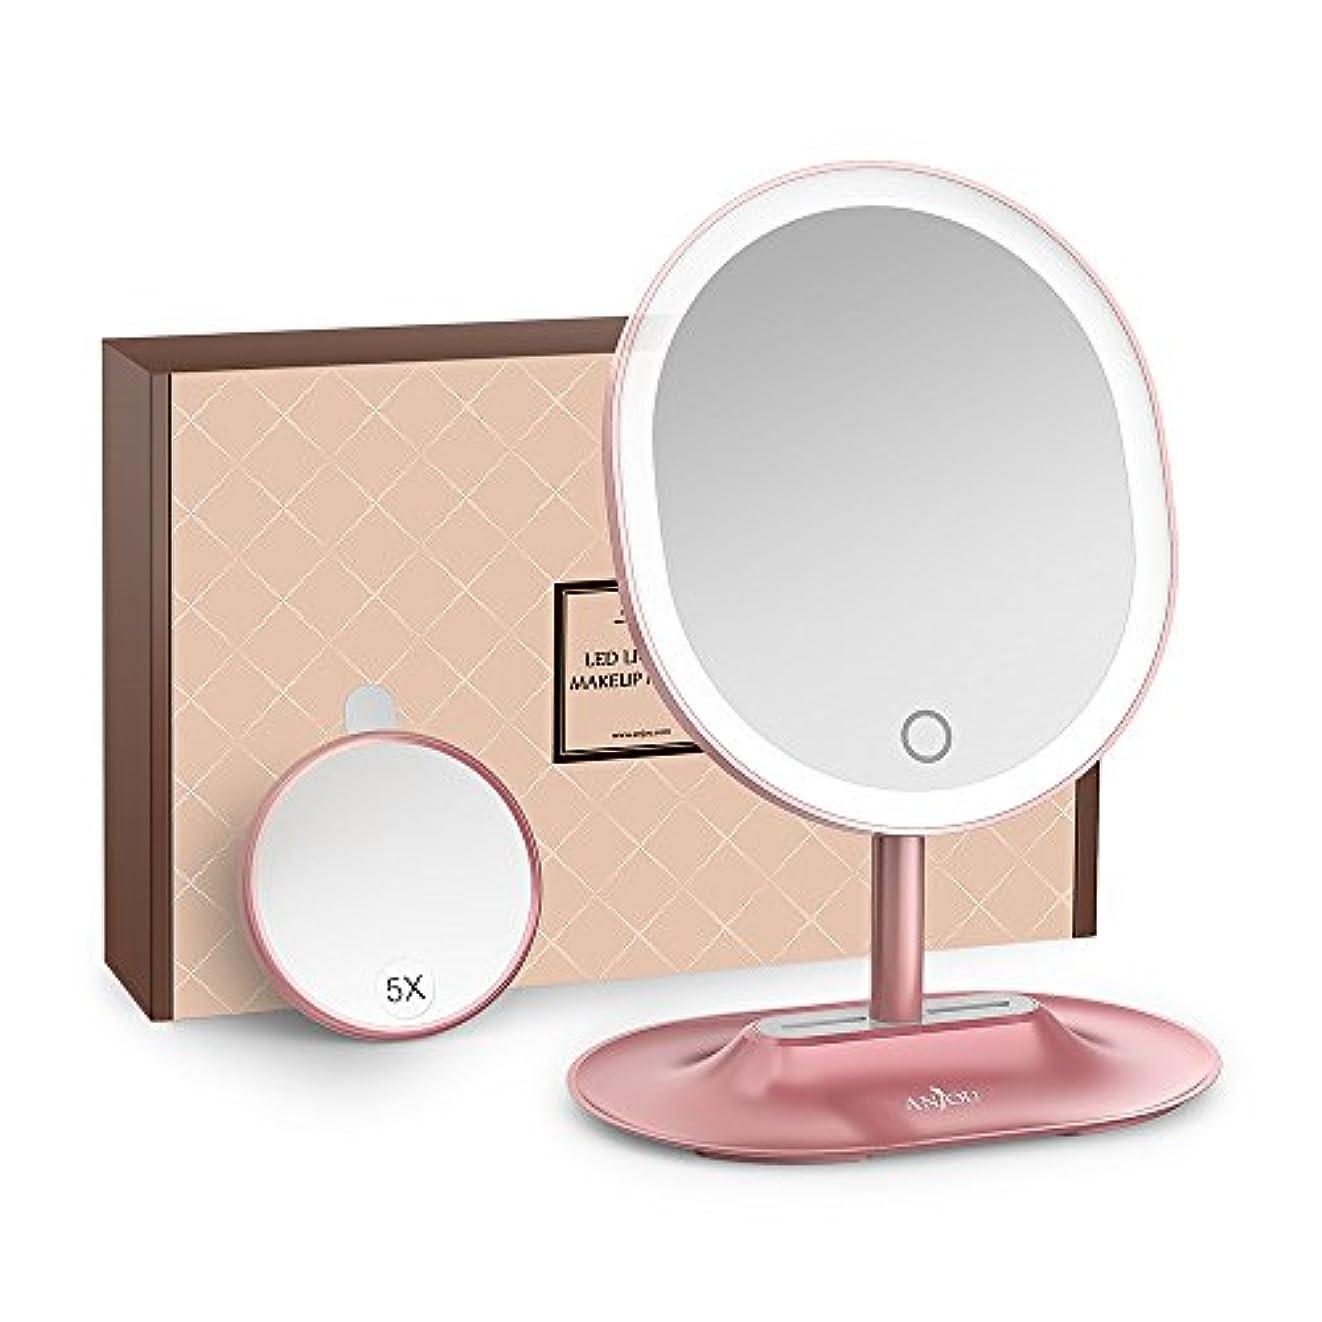 取り消すポジティブ一節Anjou 化粧ミラー LED 卓上 5倍 拡大鏡 タッチパネル 明るさ調節可 メイク スタンドミラー 120度回転 USB充電 トレー付 (ローズゴールド) AJ-MTA005